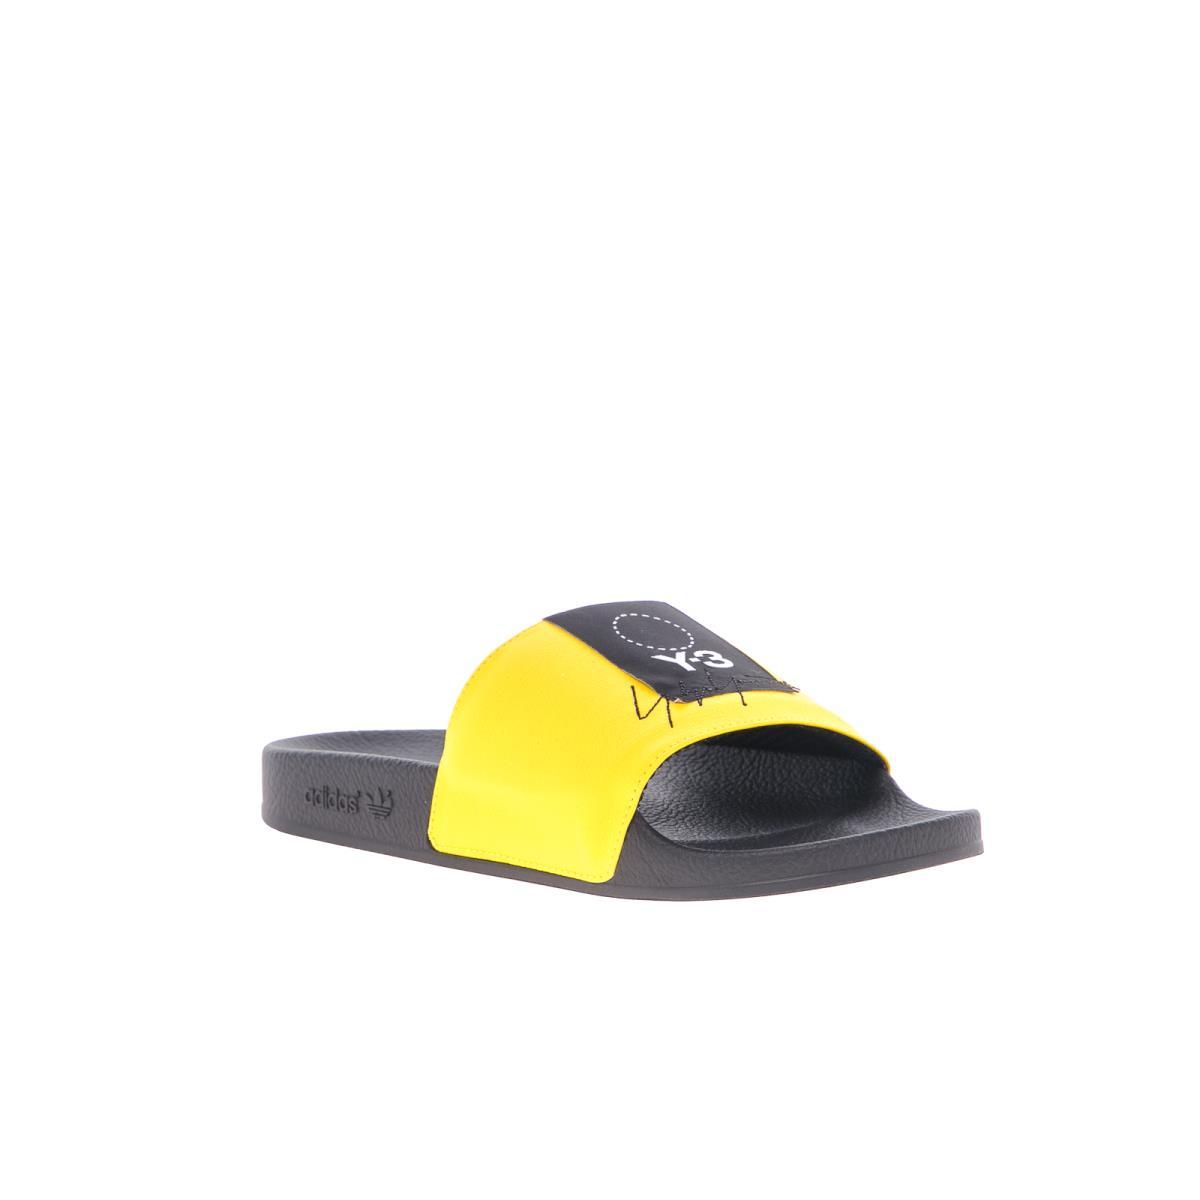 3f18a0e3ef8387 ADIDAS Y-3 Sandals ADILETTE for Men